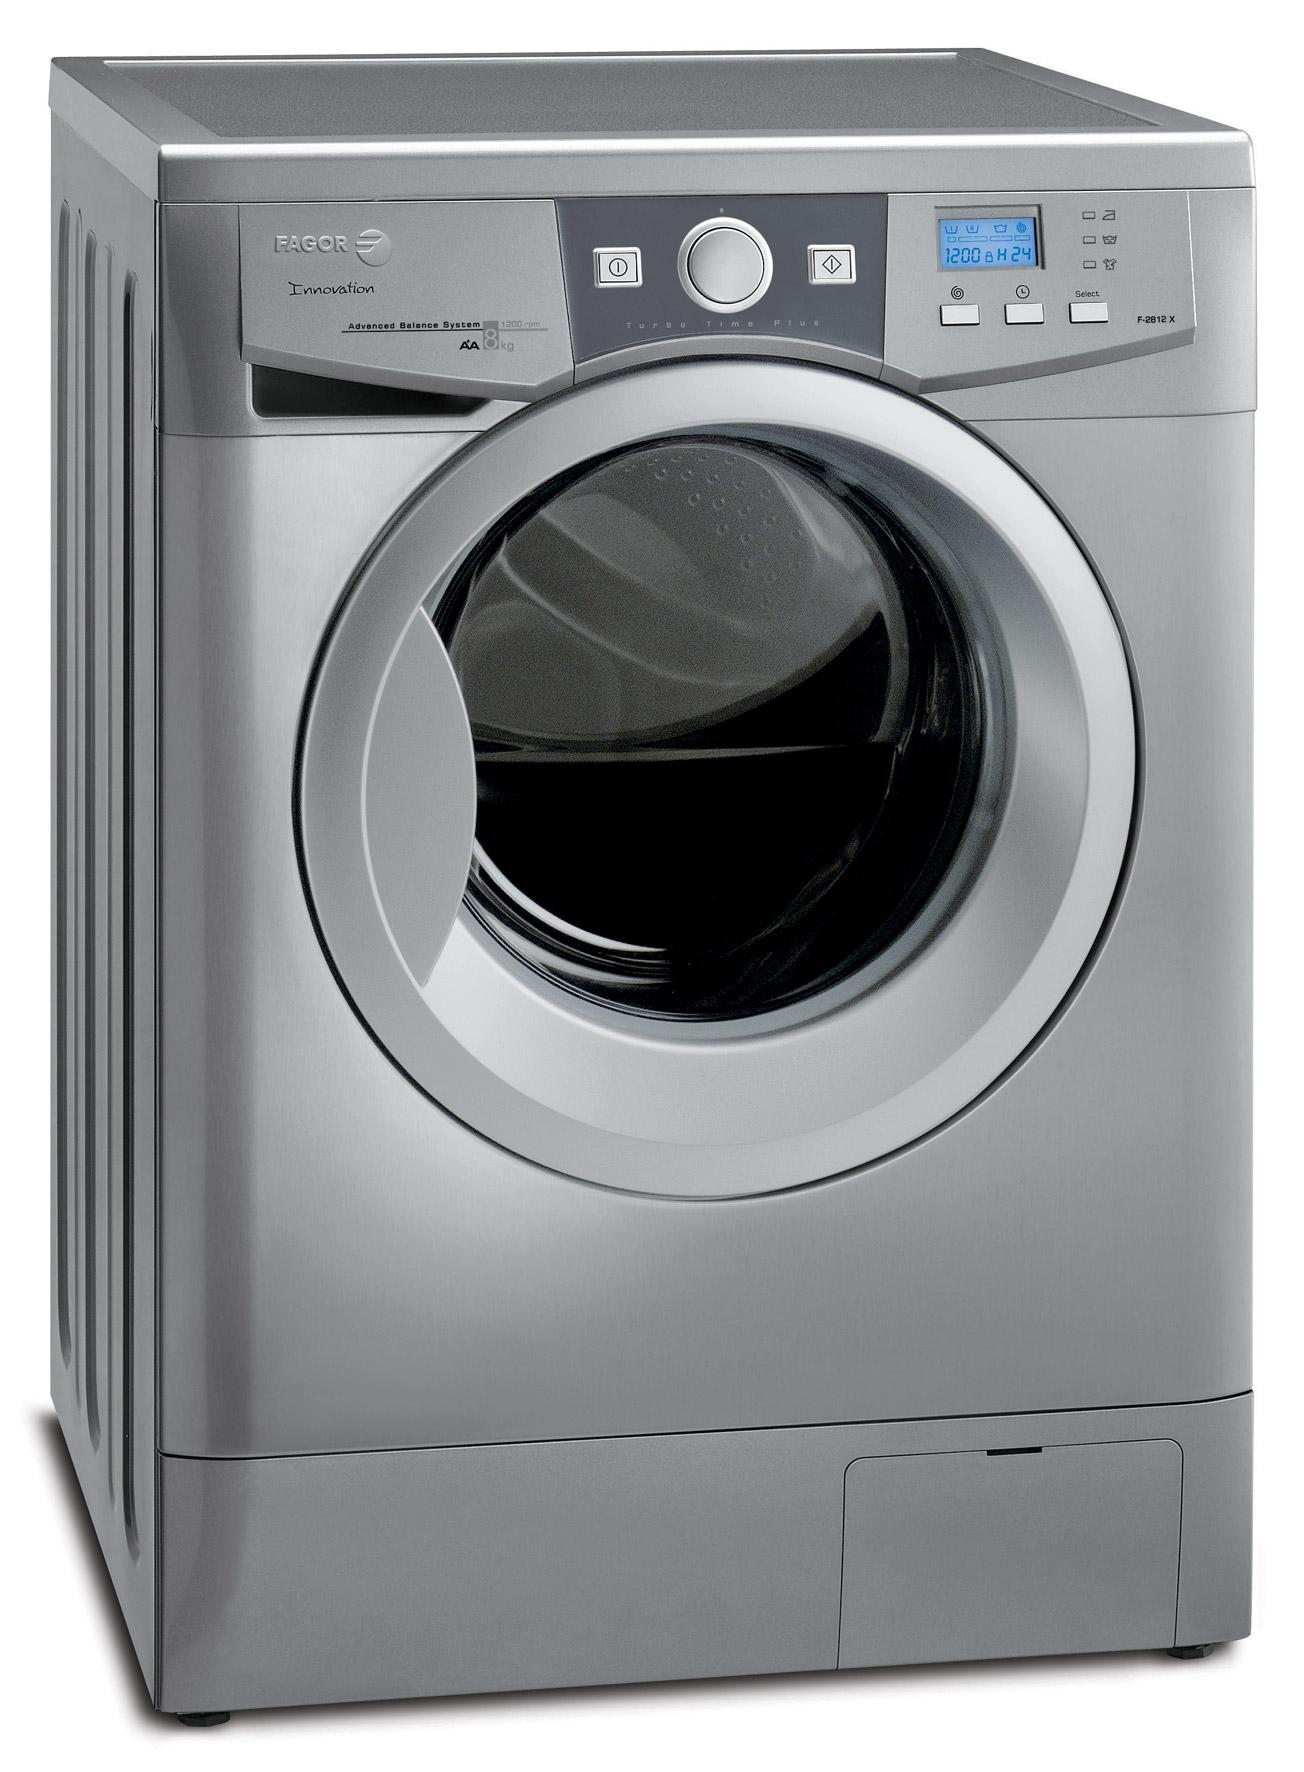 poner la lavadora por la noche ahorra?